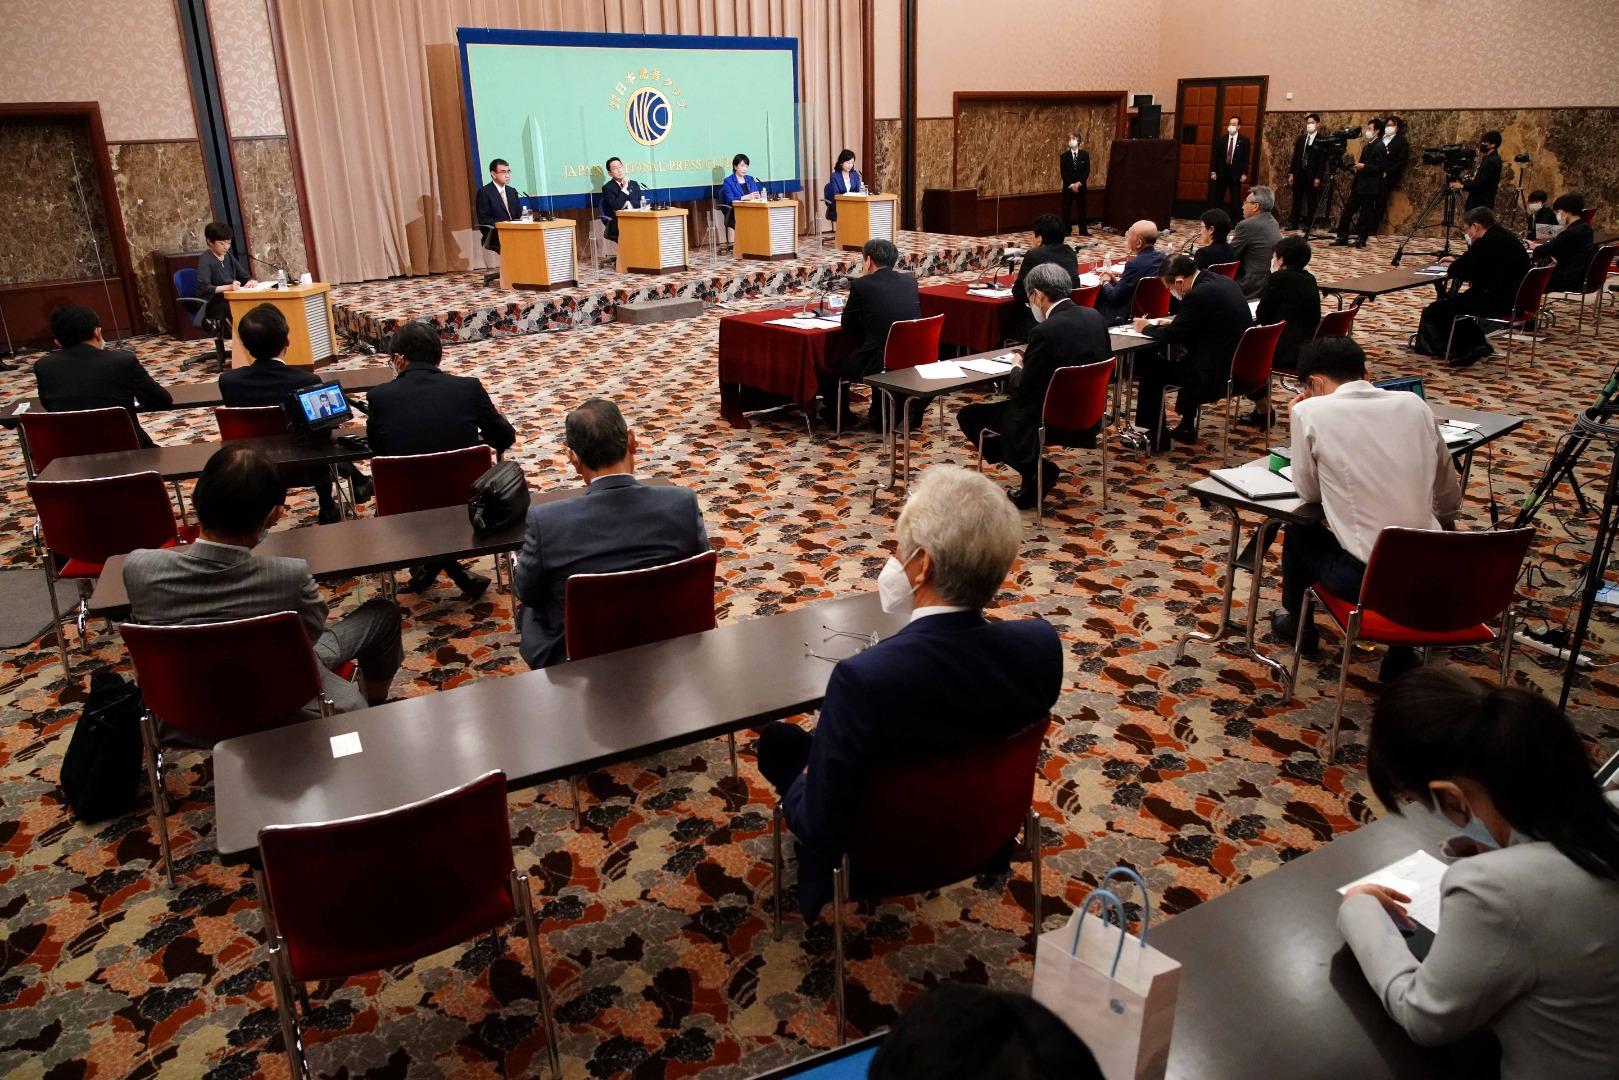 Kandidat PM Taro Kono, Fumio Kishida, Sanae Takaichi dan Seiko Noda, menghadiri sesi debat yang diadakan oleh klub Japan National Press, di Tokyo, J